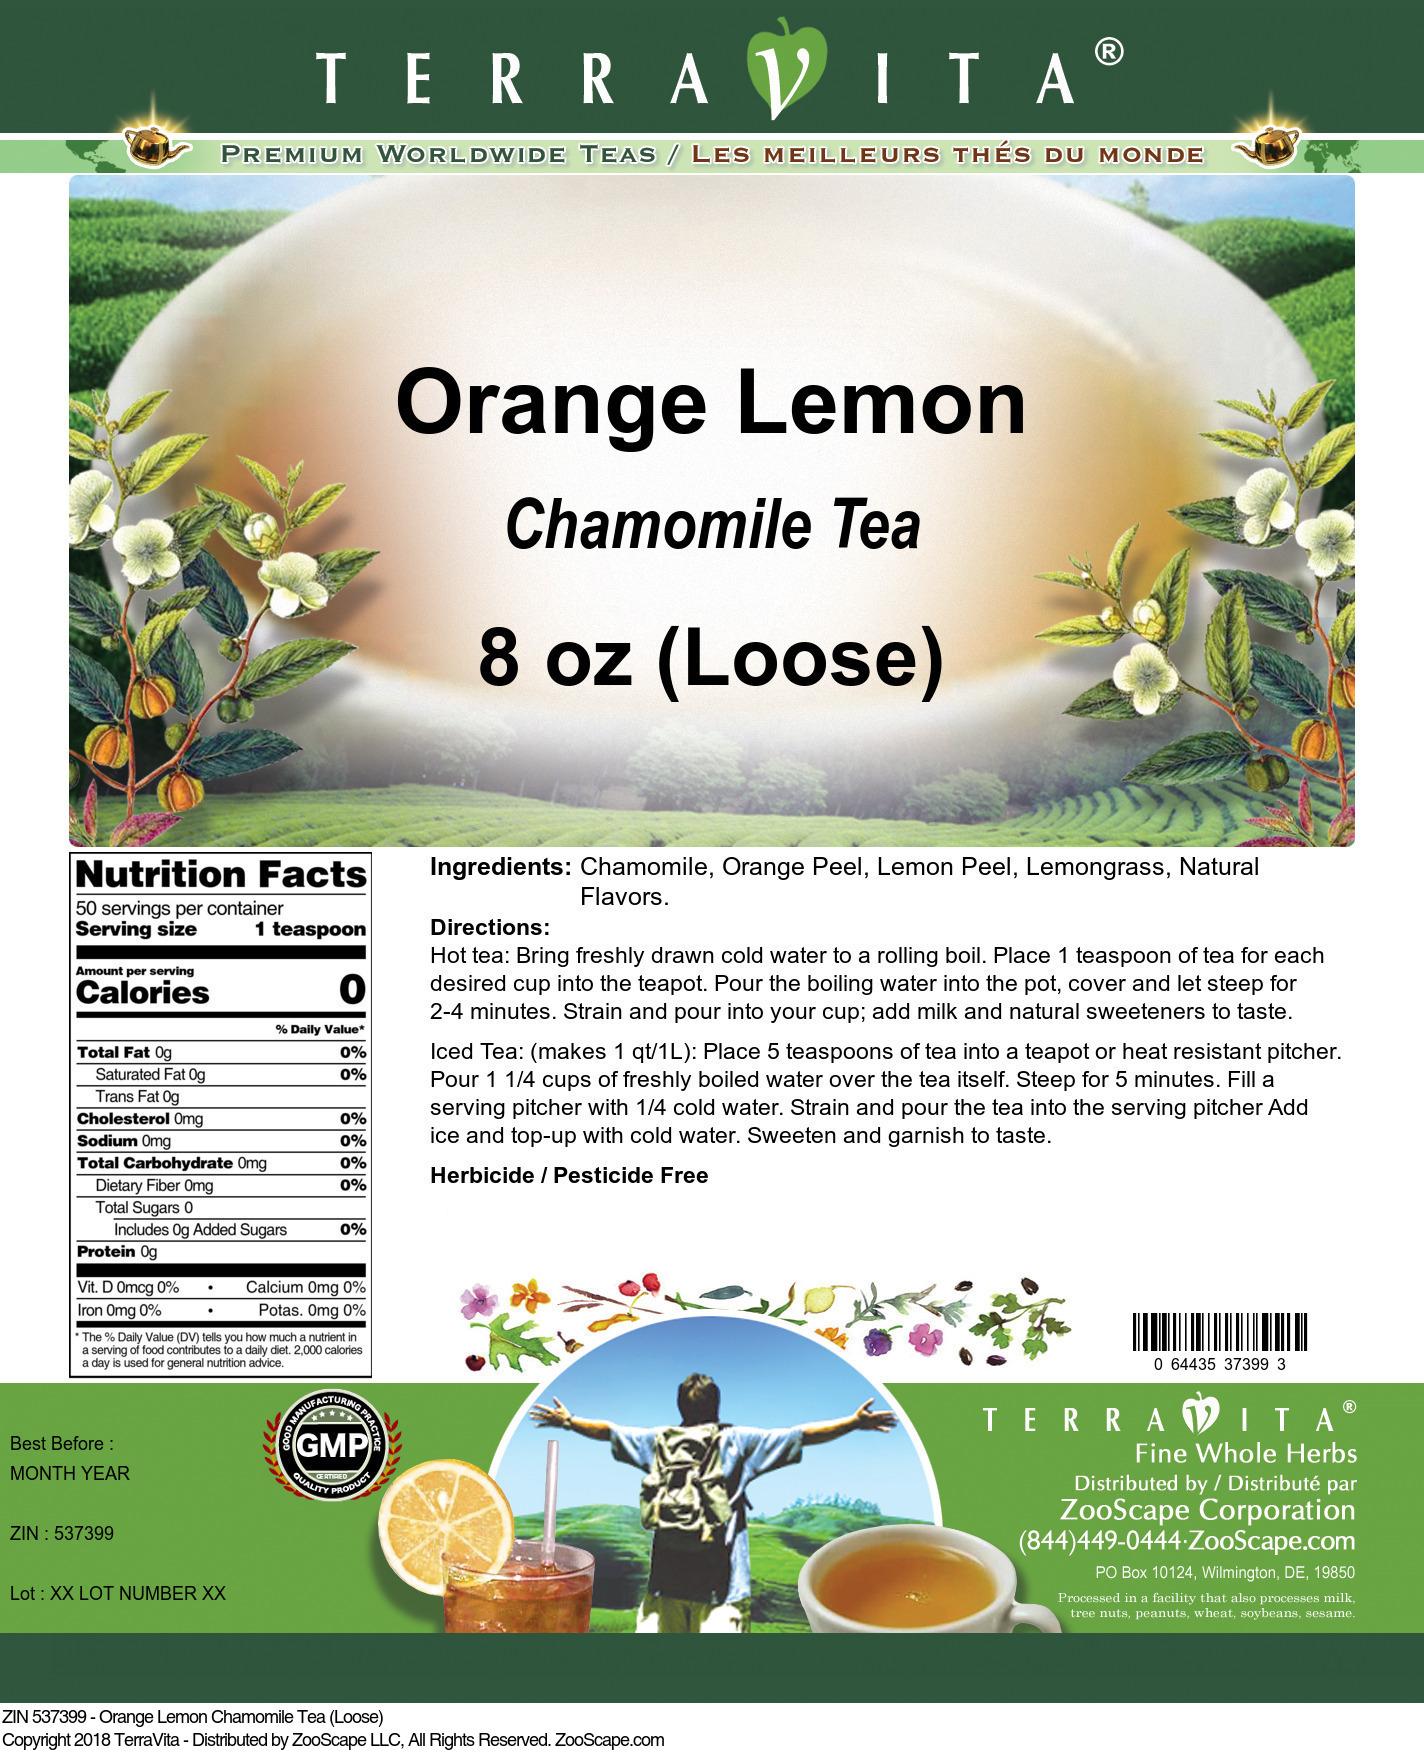 Orange Lemon Chamomile Tea